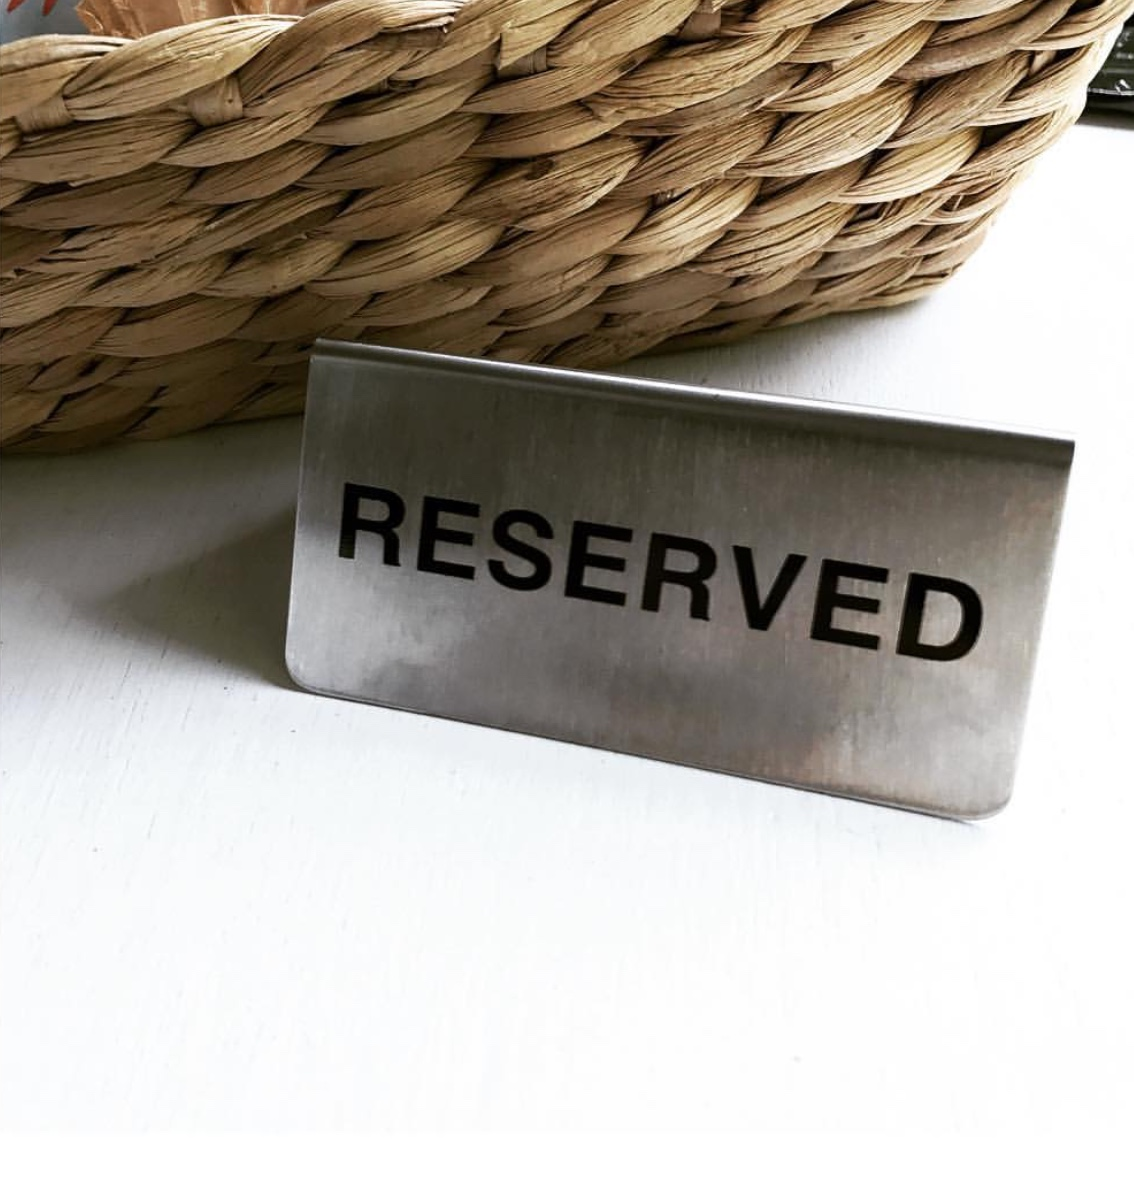 Reserved yazısı otimsan